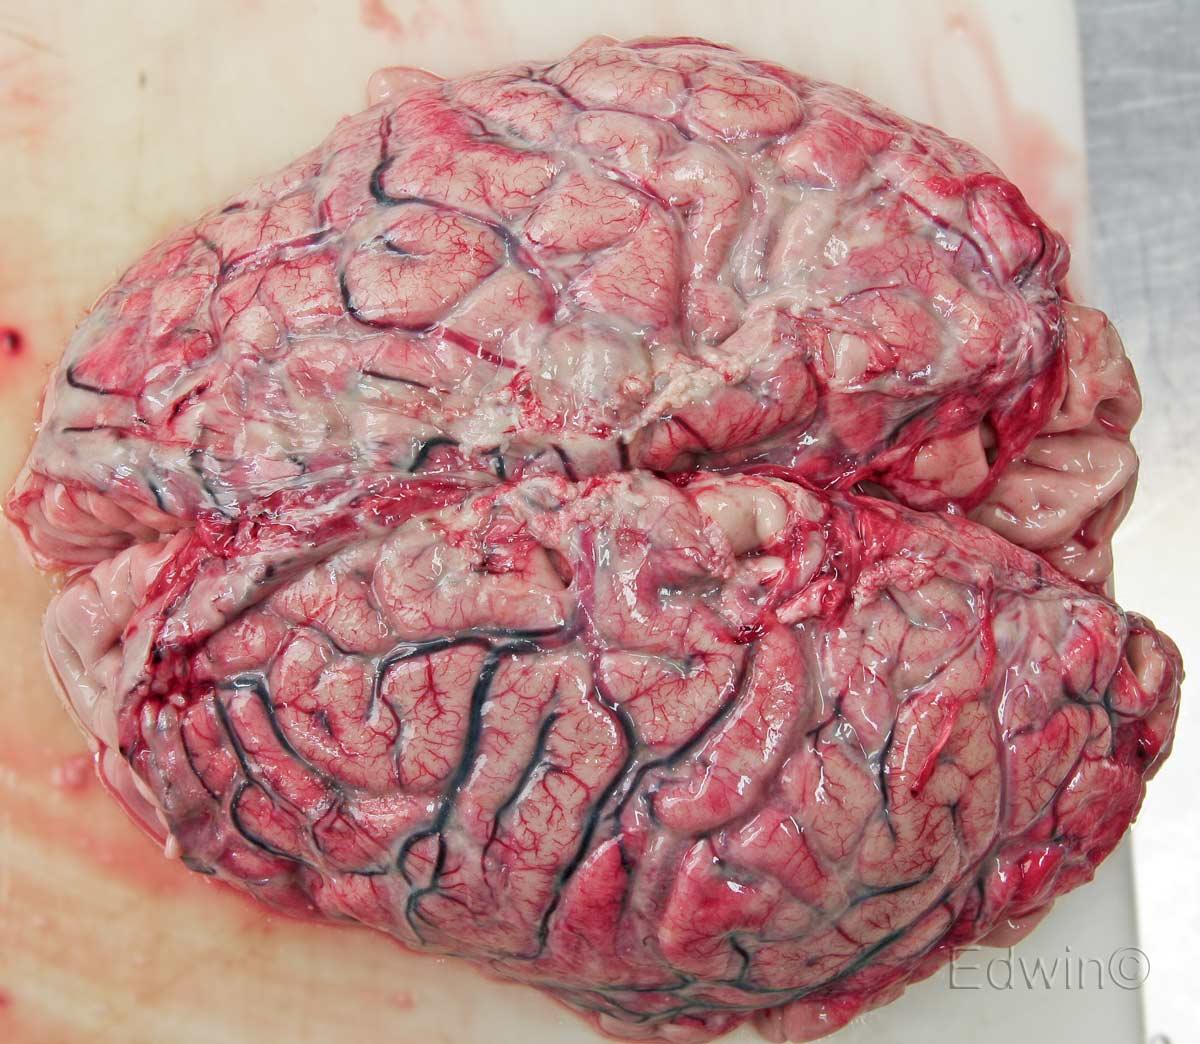 Головной мозг сверху